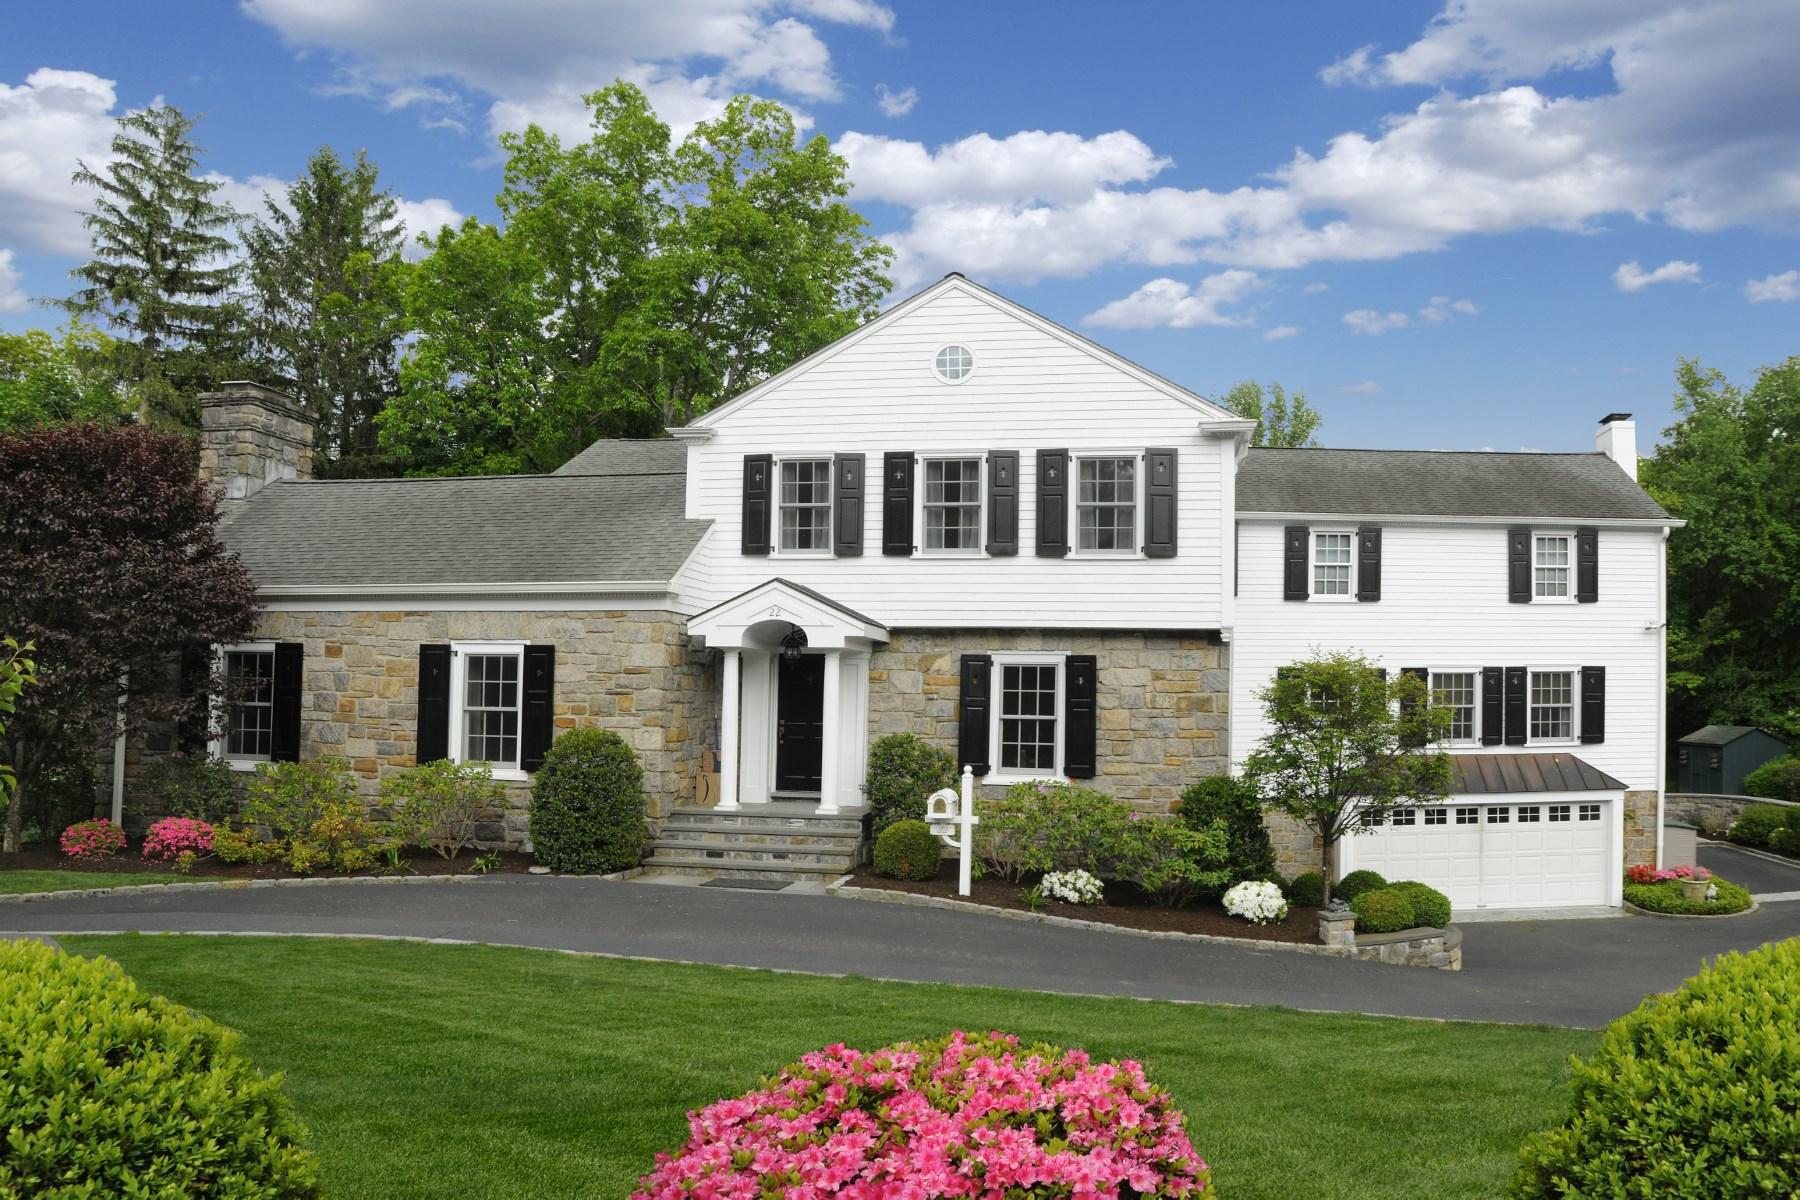 独户住宅 为 销售 在 22 Echo Lane South Of Parkway, Greenwich, 康涅狄格州 06830 美国